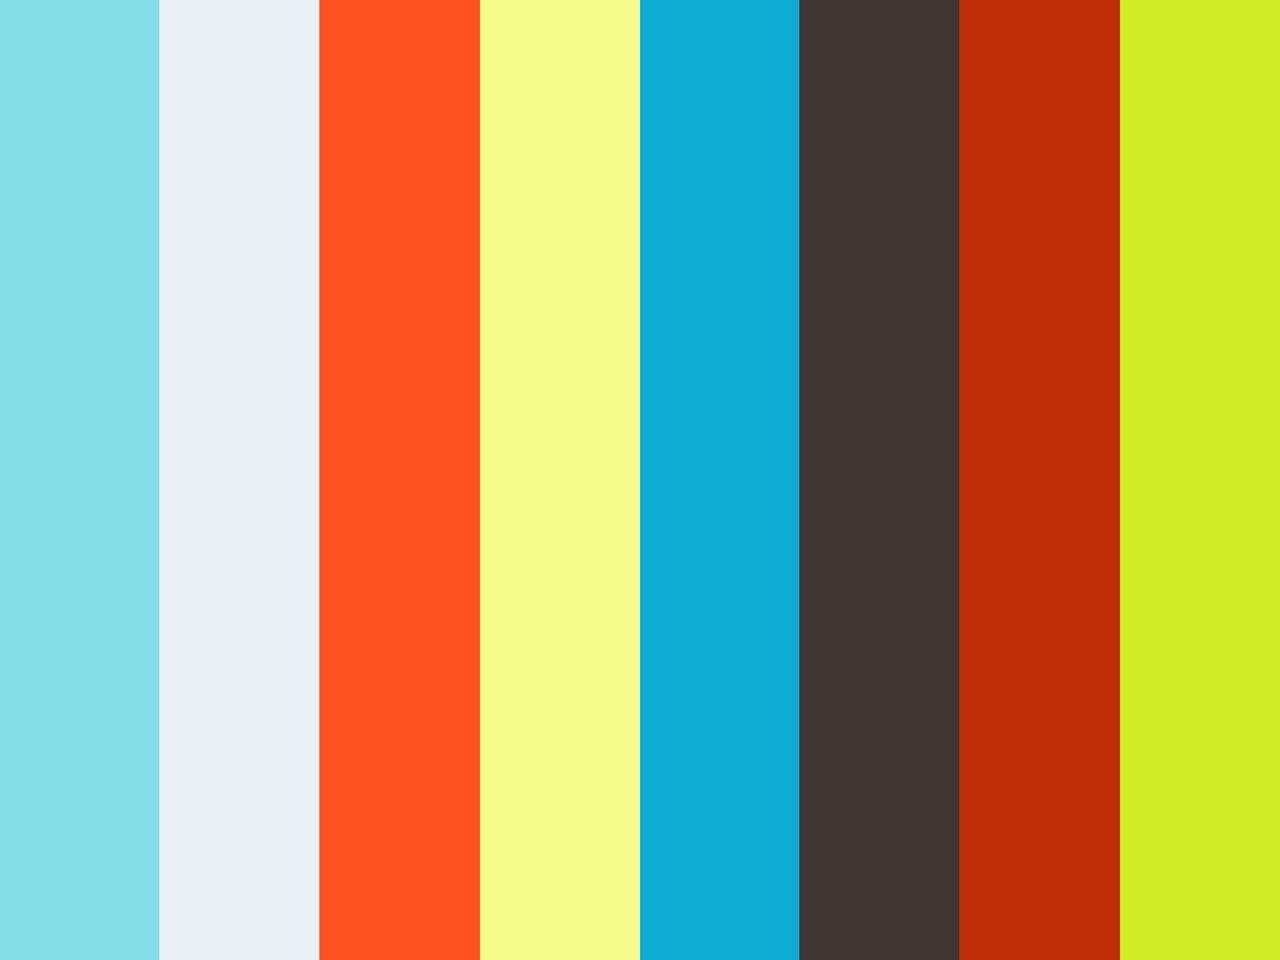 serielle uebung - halbkreis-gitter 4richtungen 8farben&s/w 2grössen